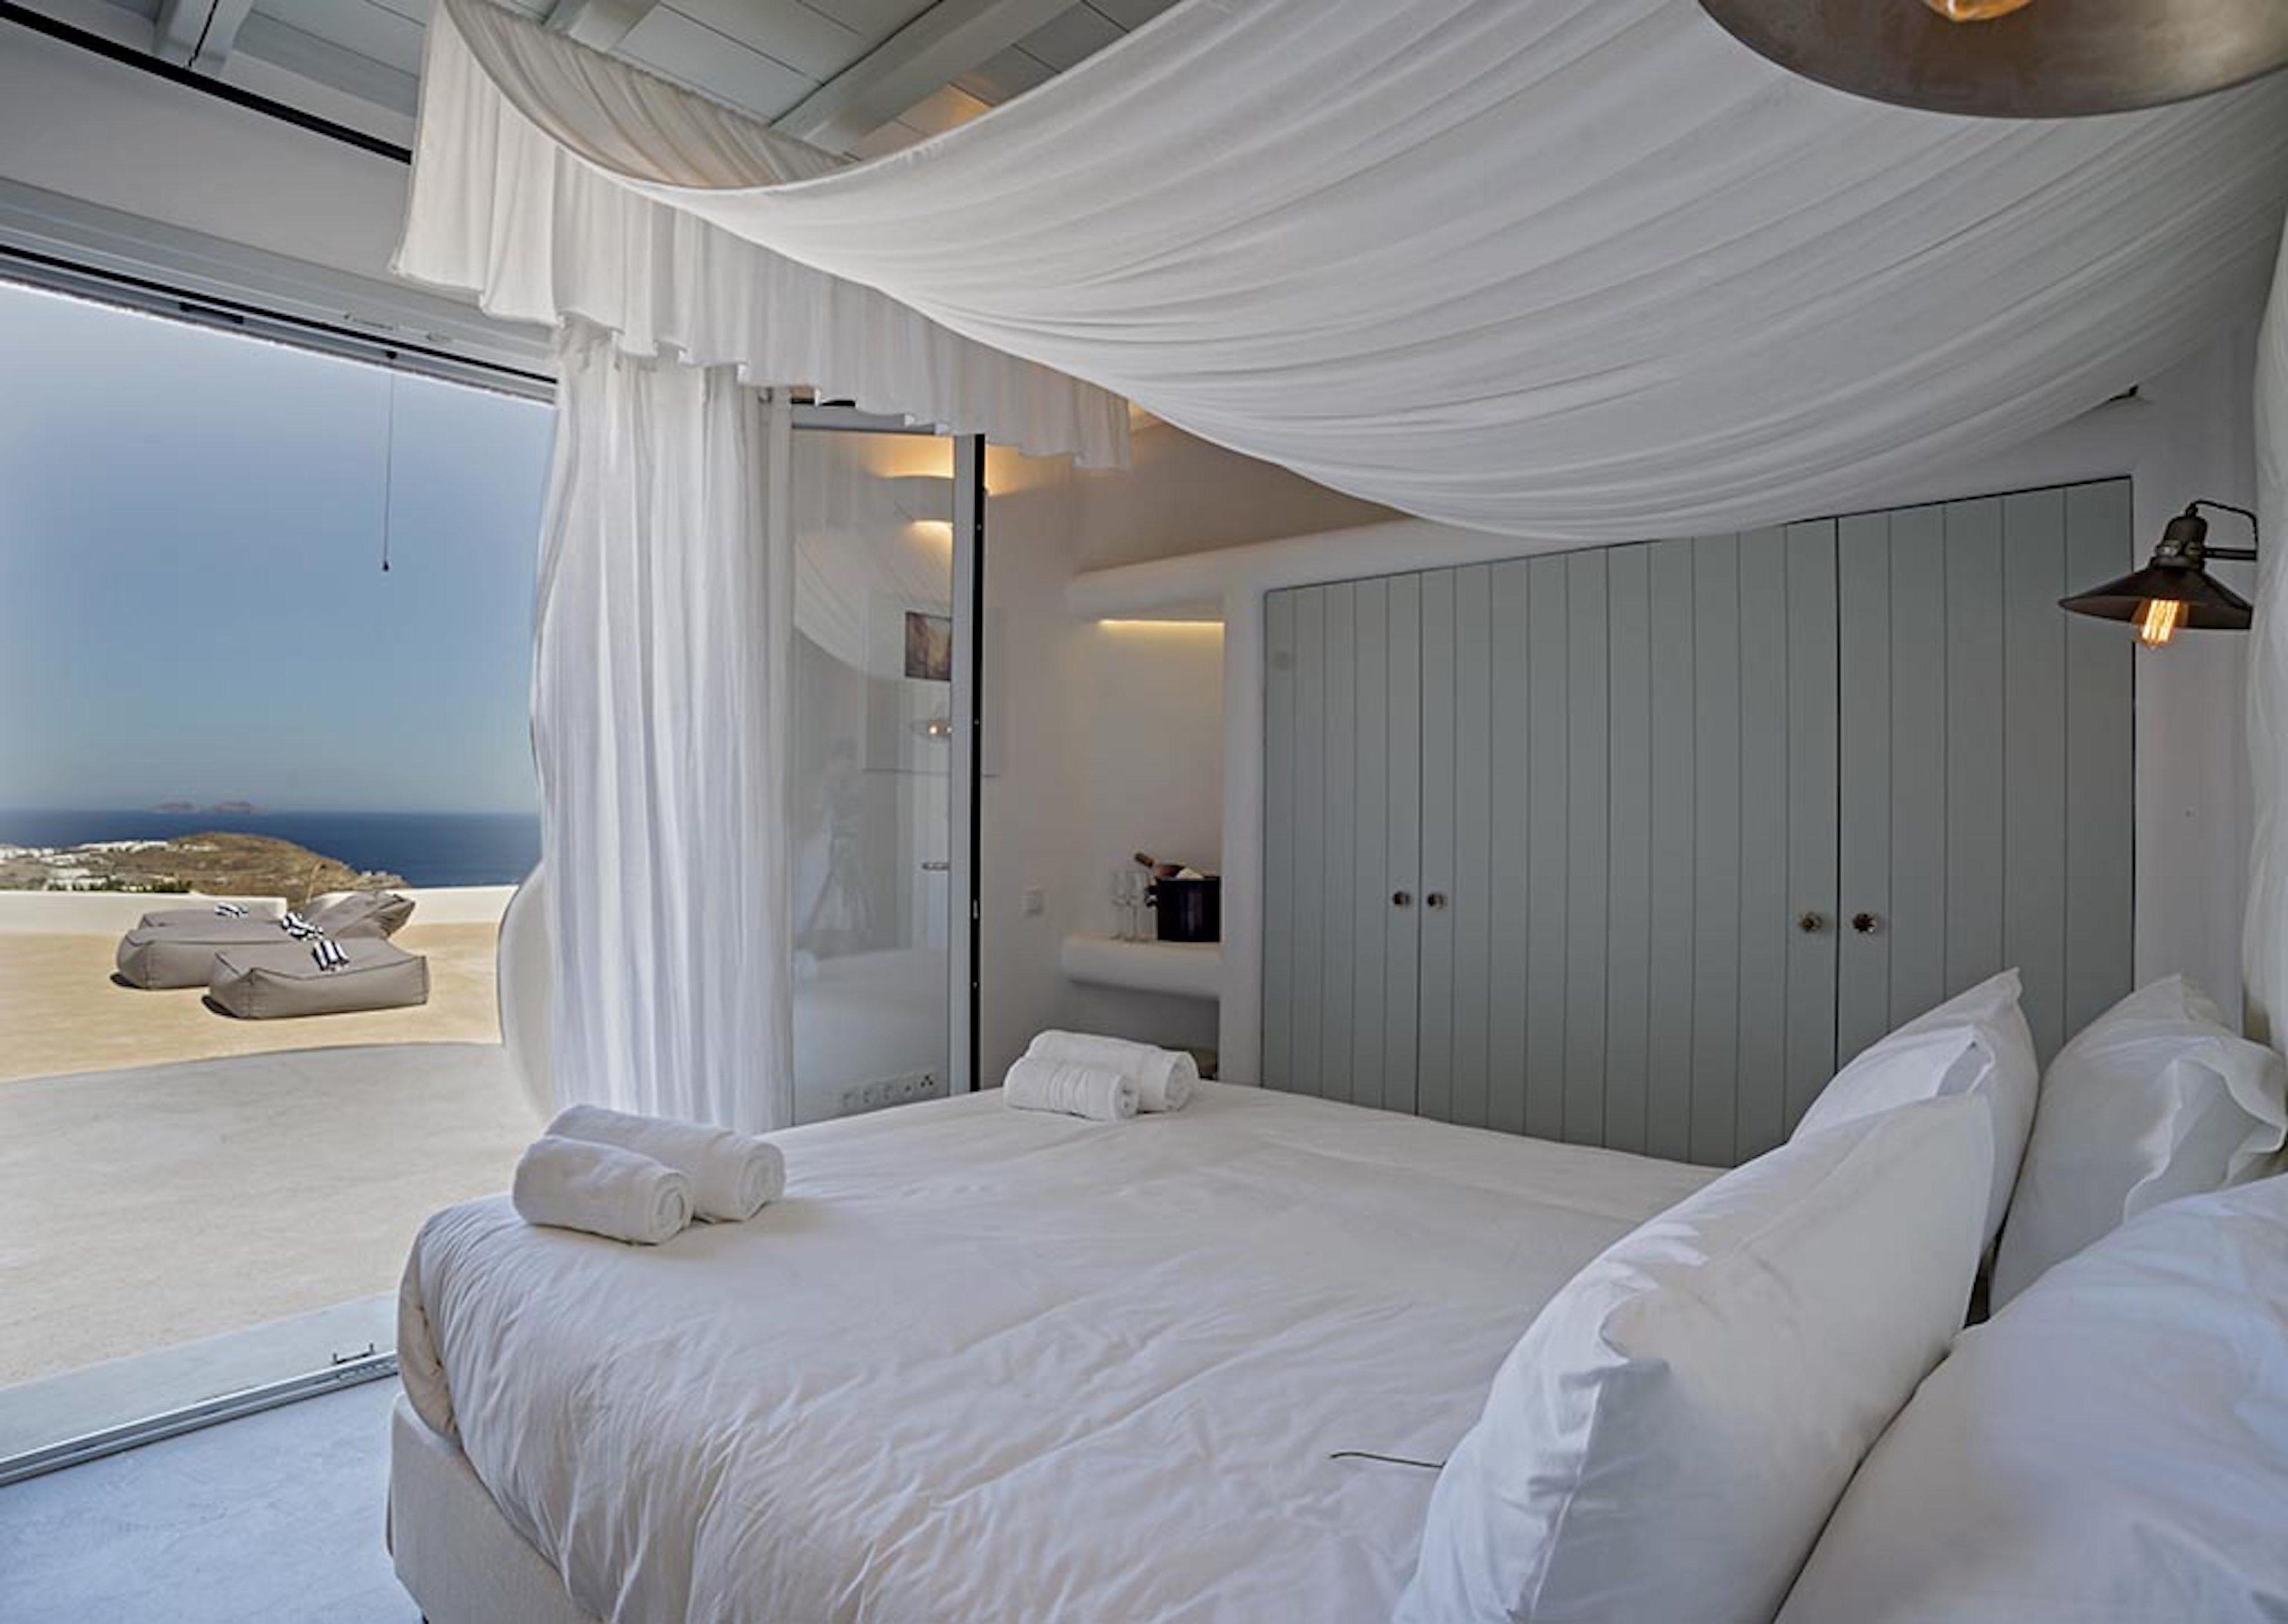 Δωμάτιο με θέα πισίνα